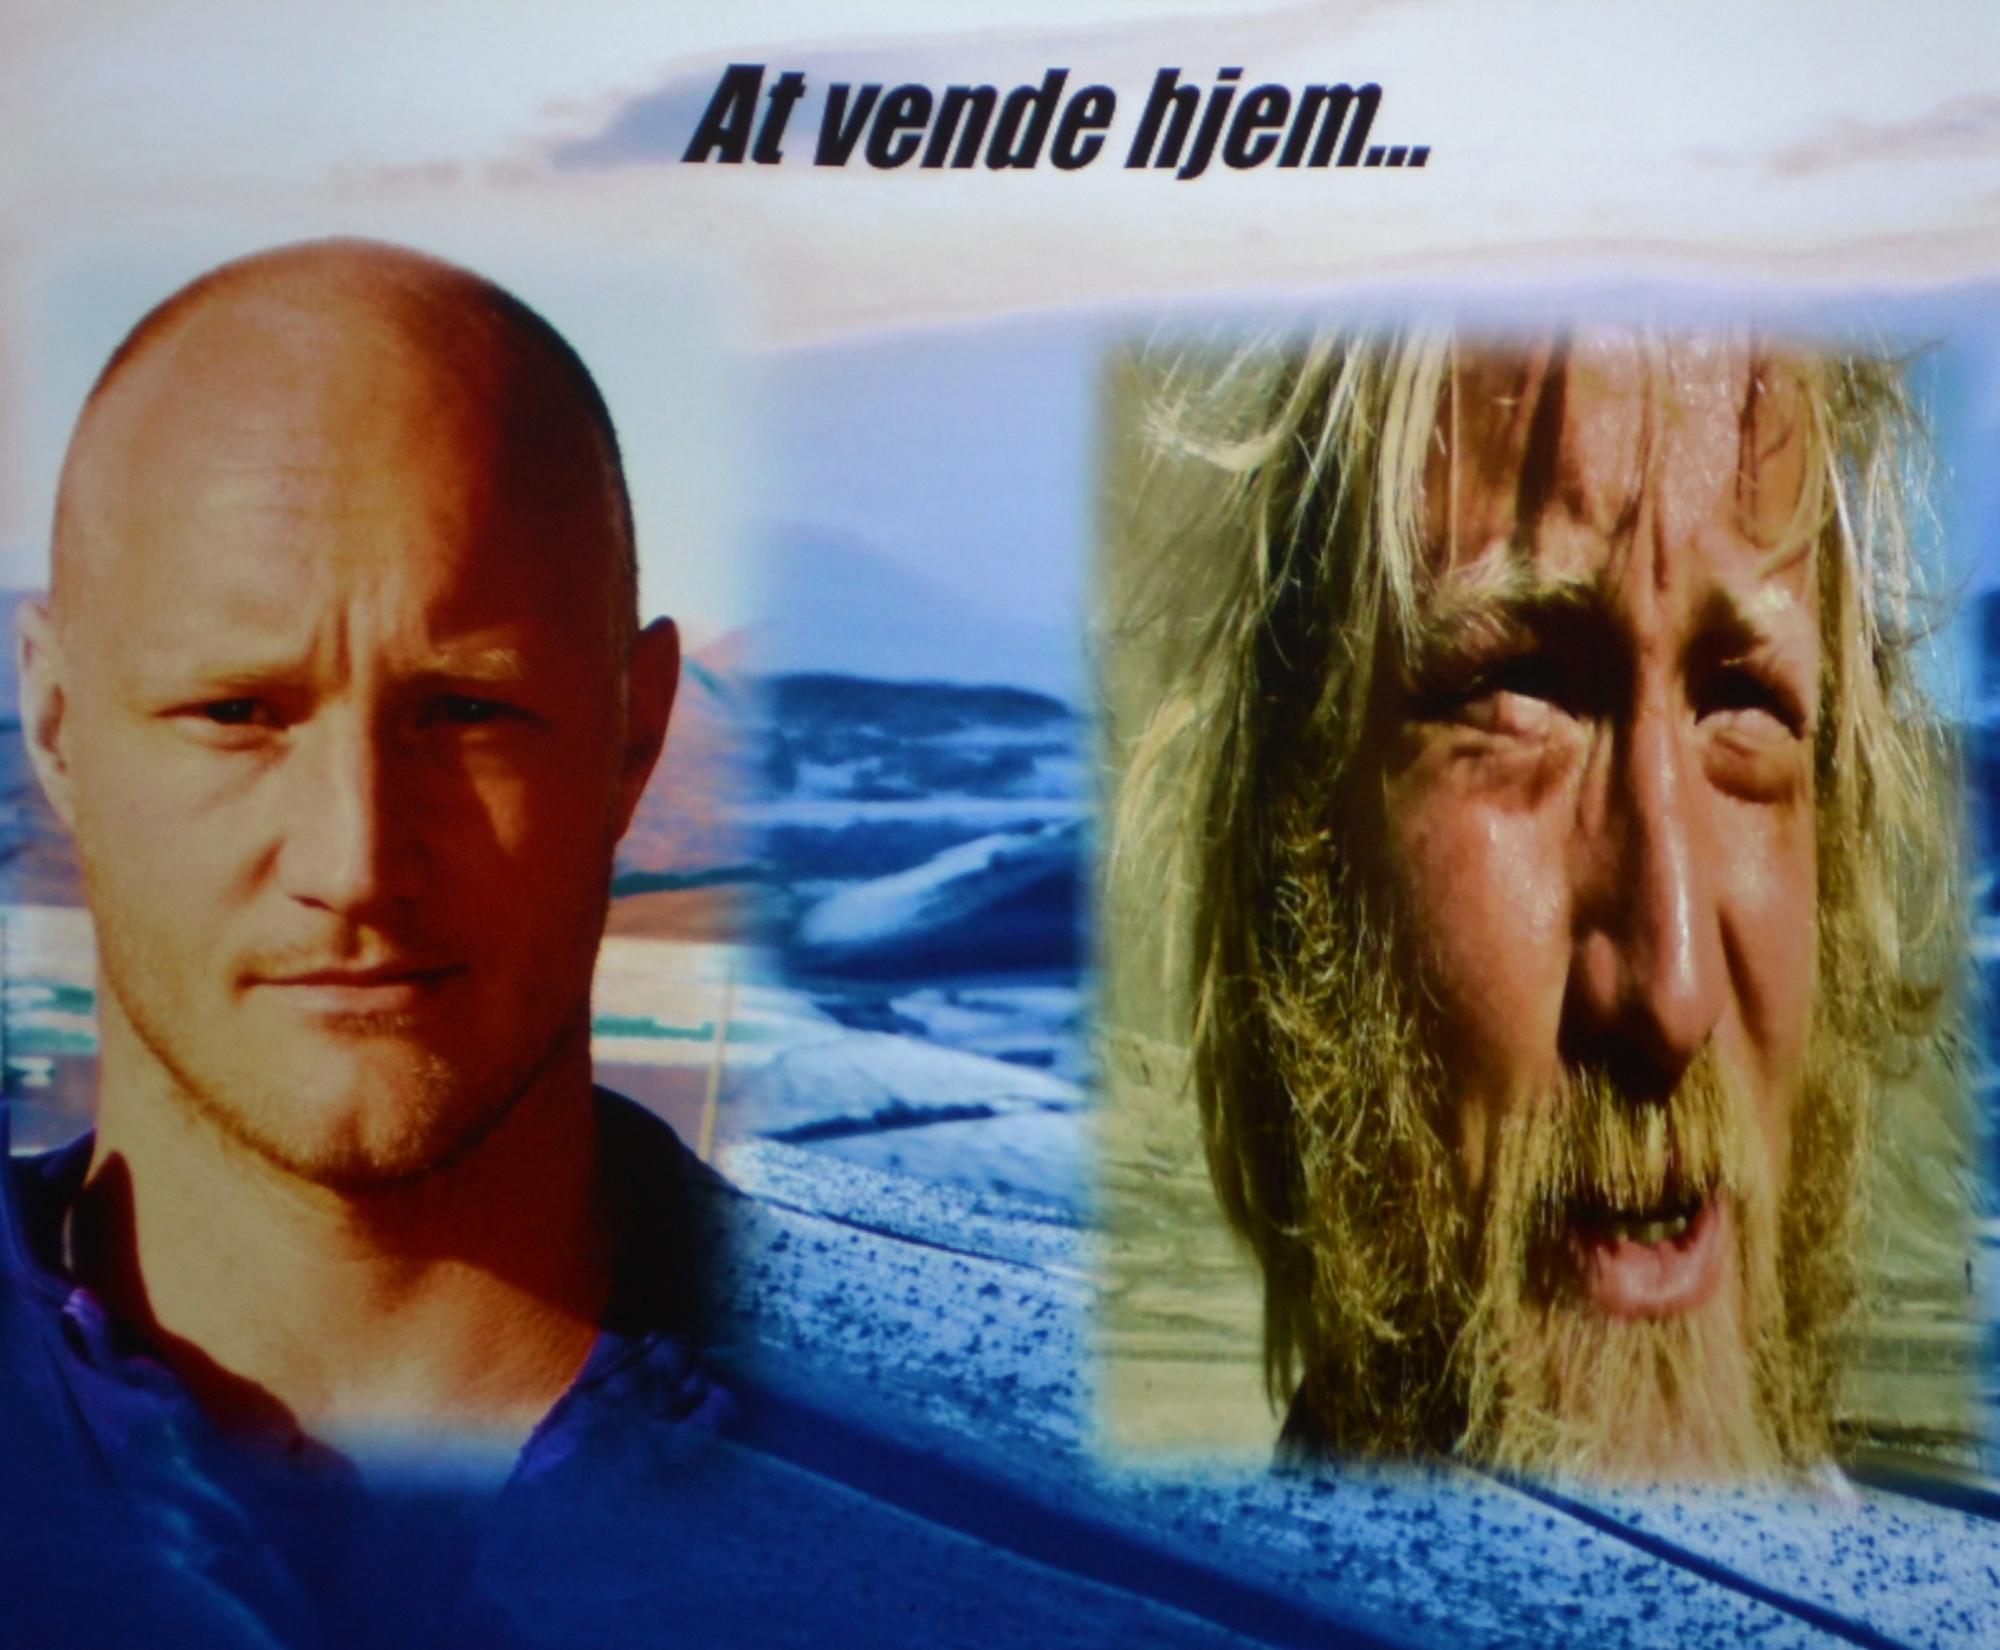 Anders Kjærgaard FØR og EFTER Sirius